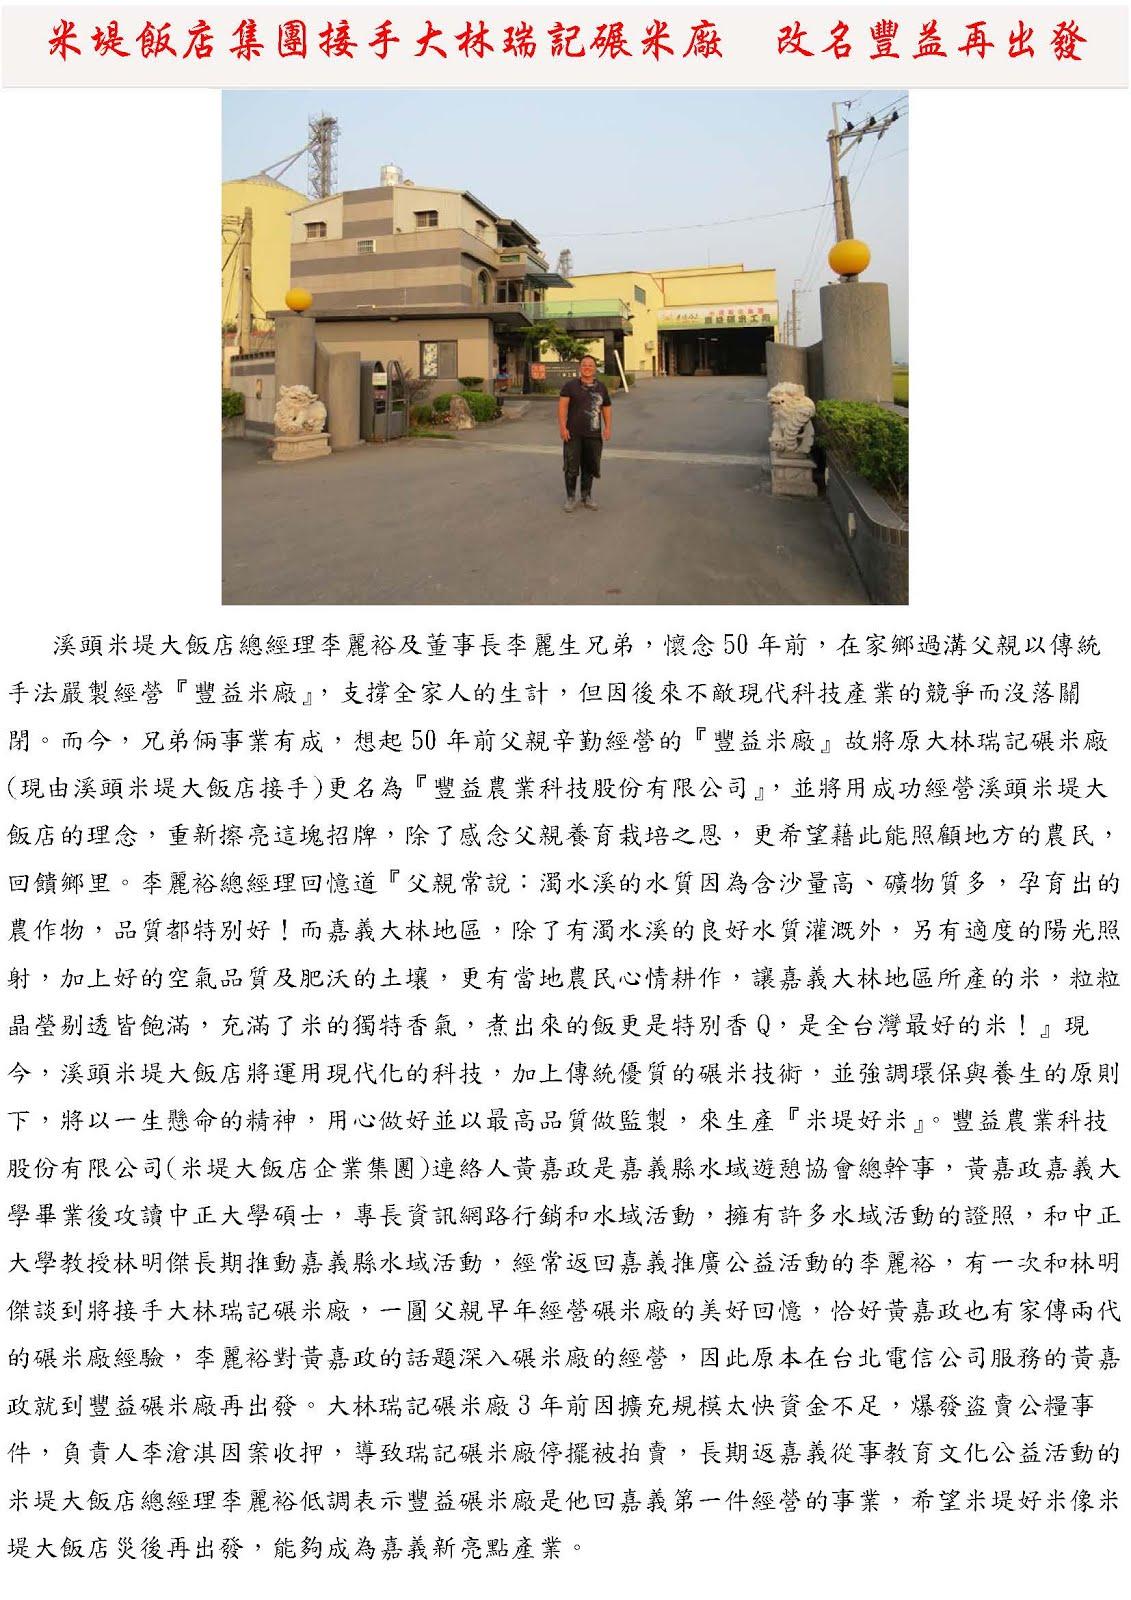 米堤飯店集團接手大林瑞記碾米廠 改名豐益再出發